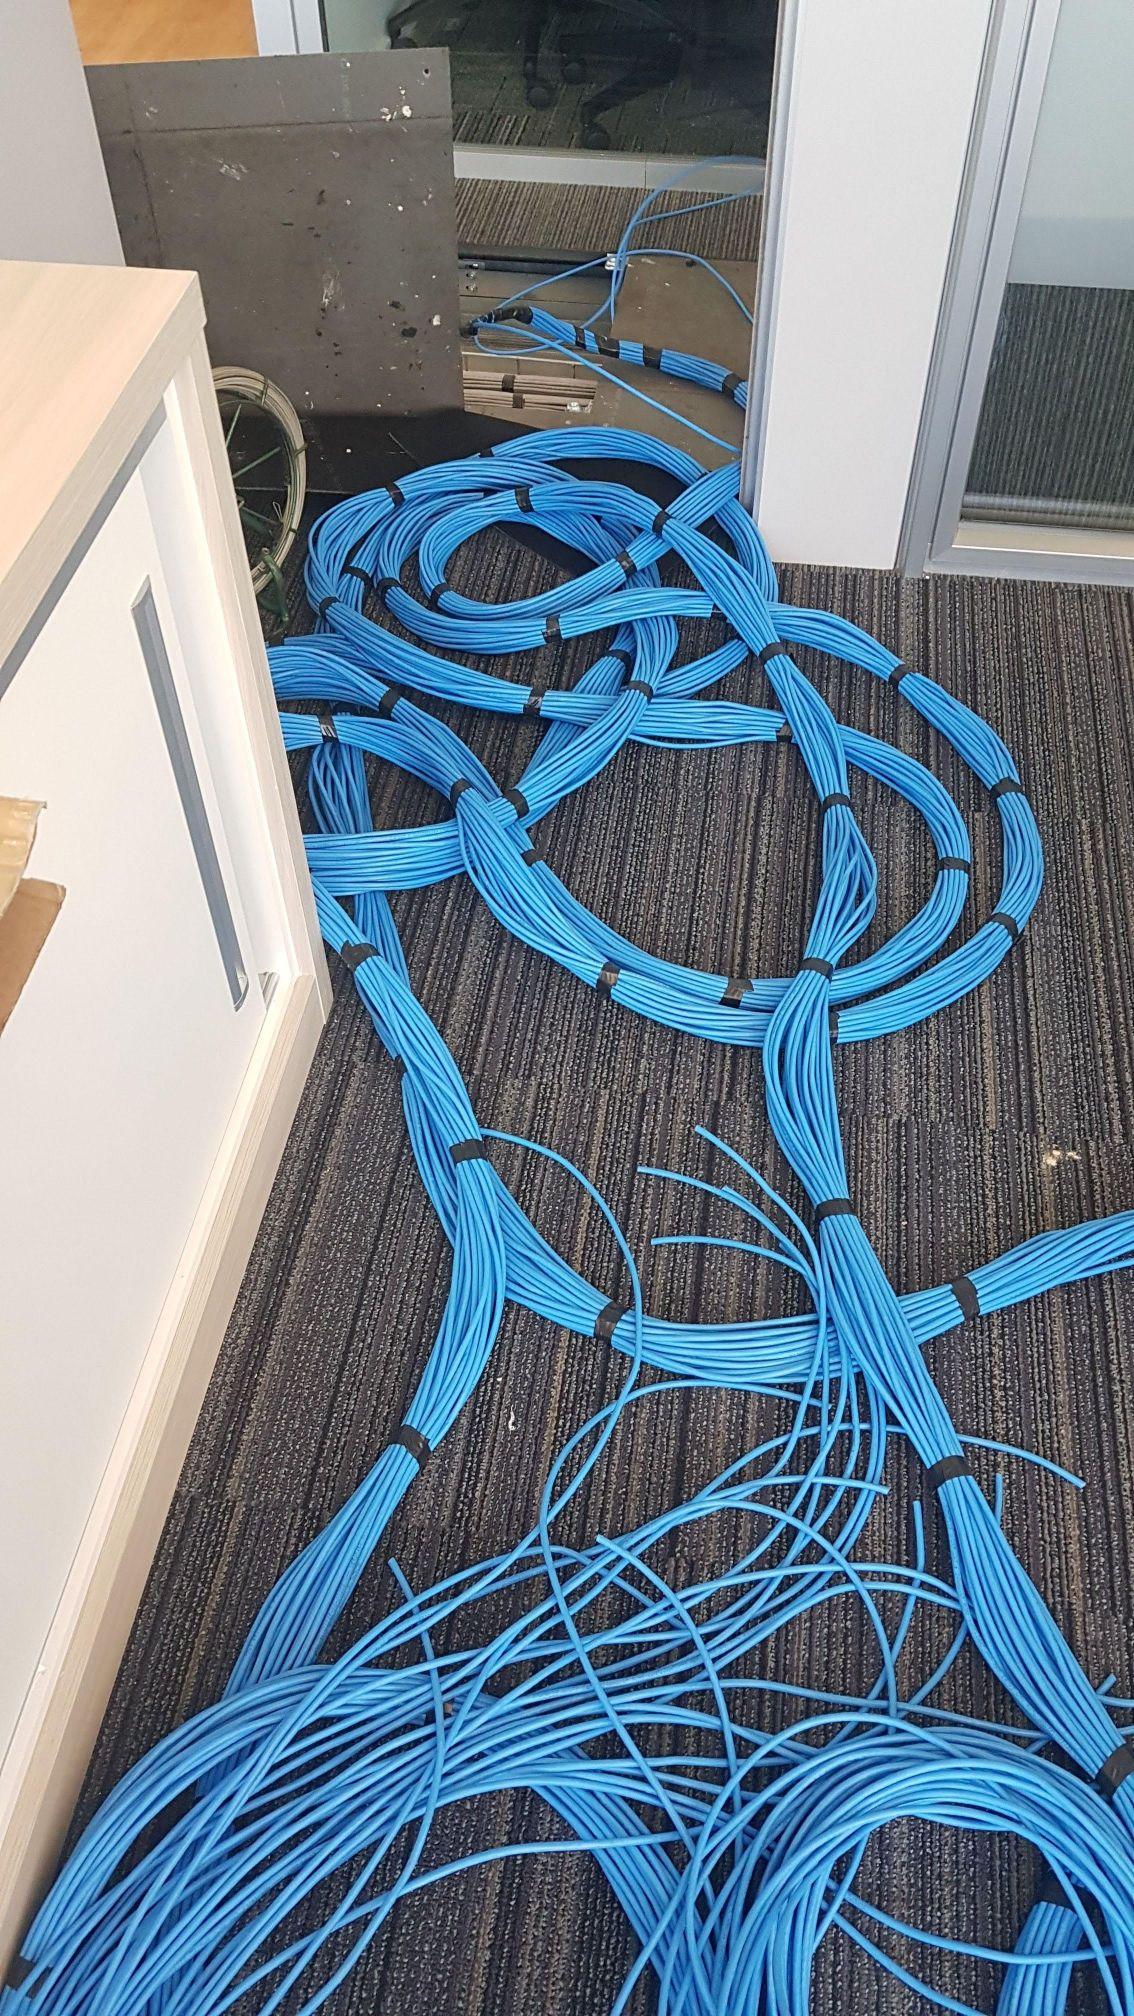 Cabeamento de rede do prédio Novo Cais